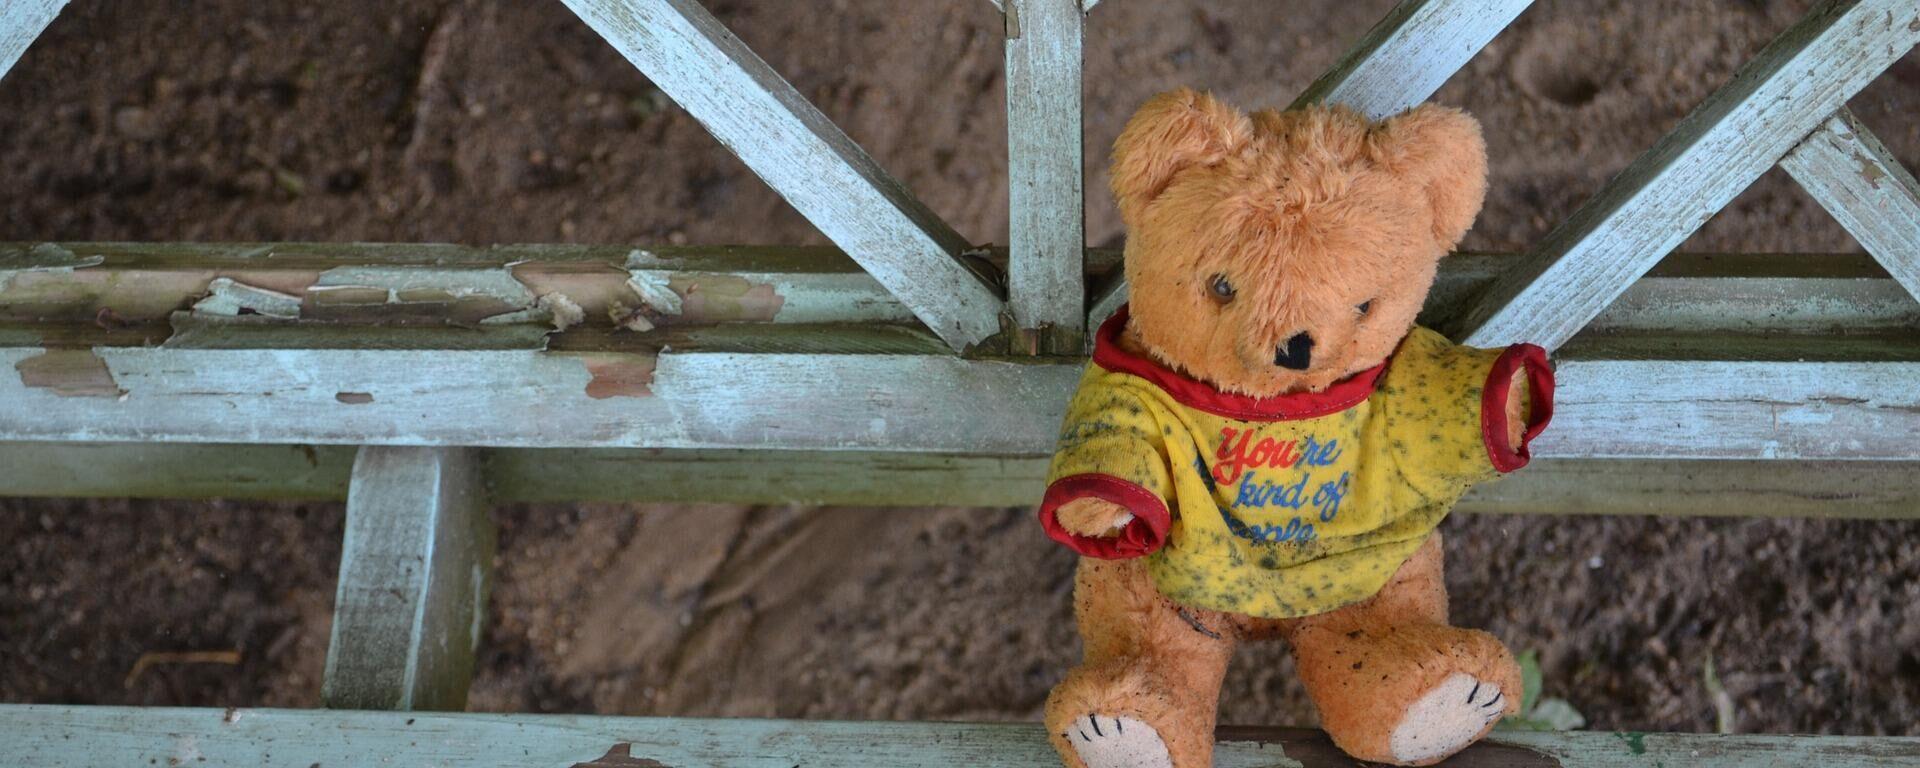 Teddybär (Symbolbild) - SNA, 1920, 01.06.2021